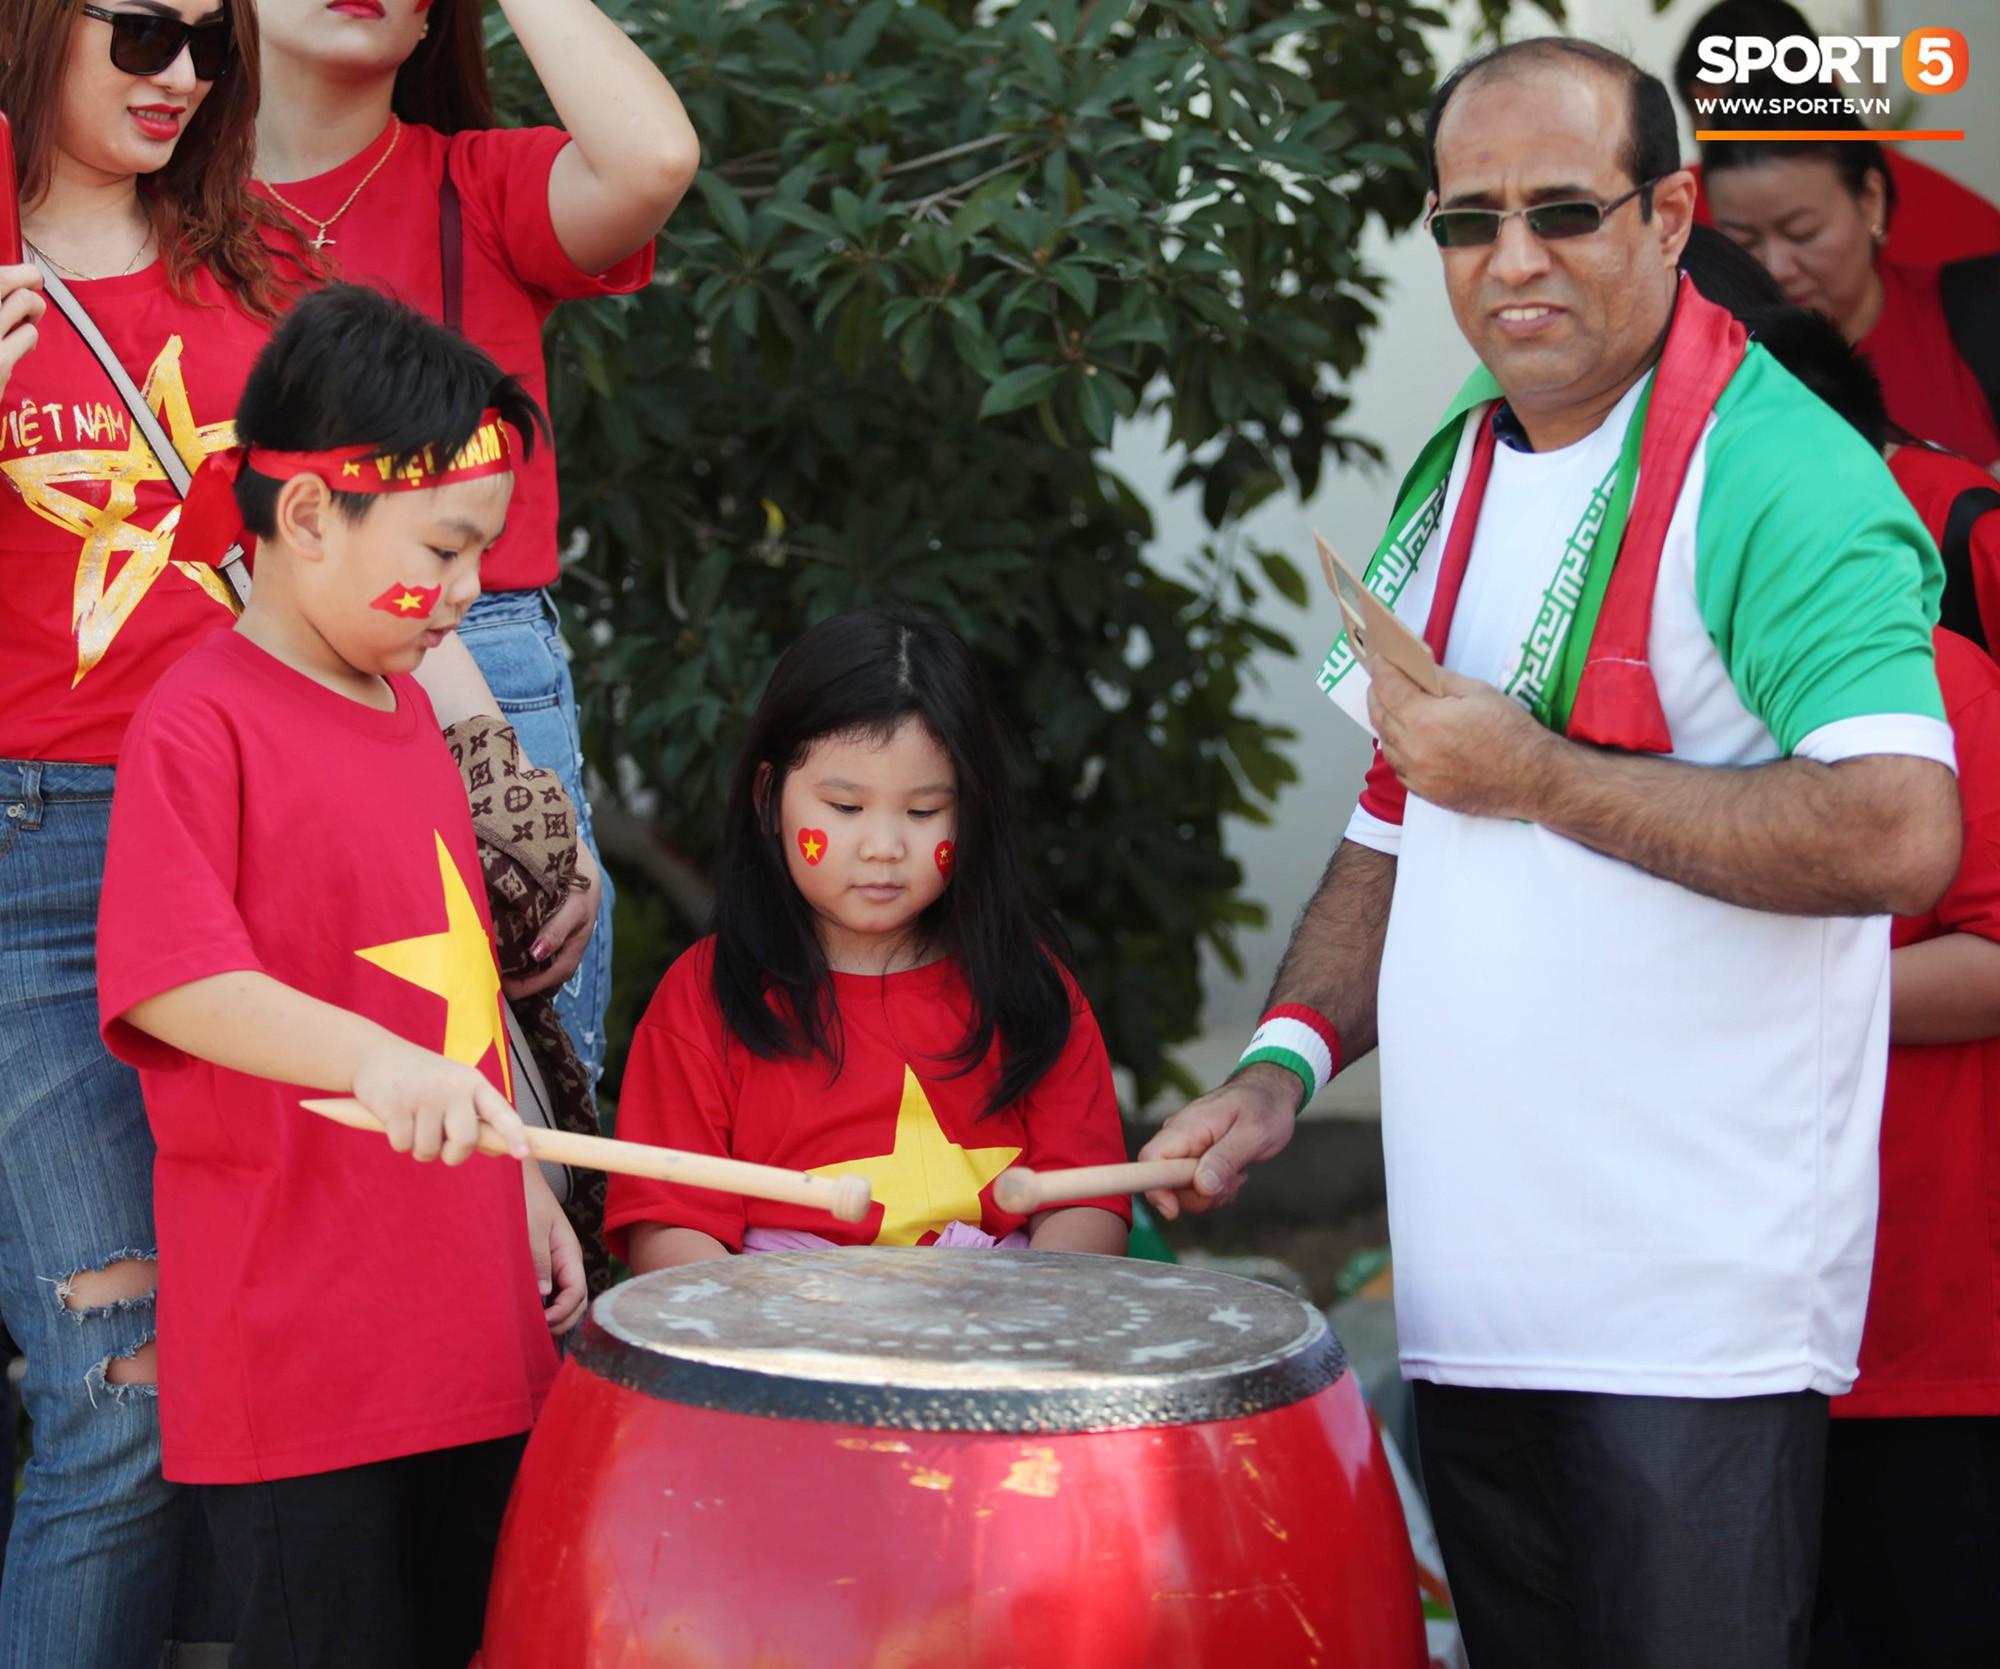 CĐV Việt Nam ở UAE đánh thủng chiếc trống duy nhất vì quá nhiệt ở trận thua Iran - Ảnh 2.